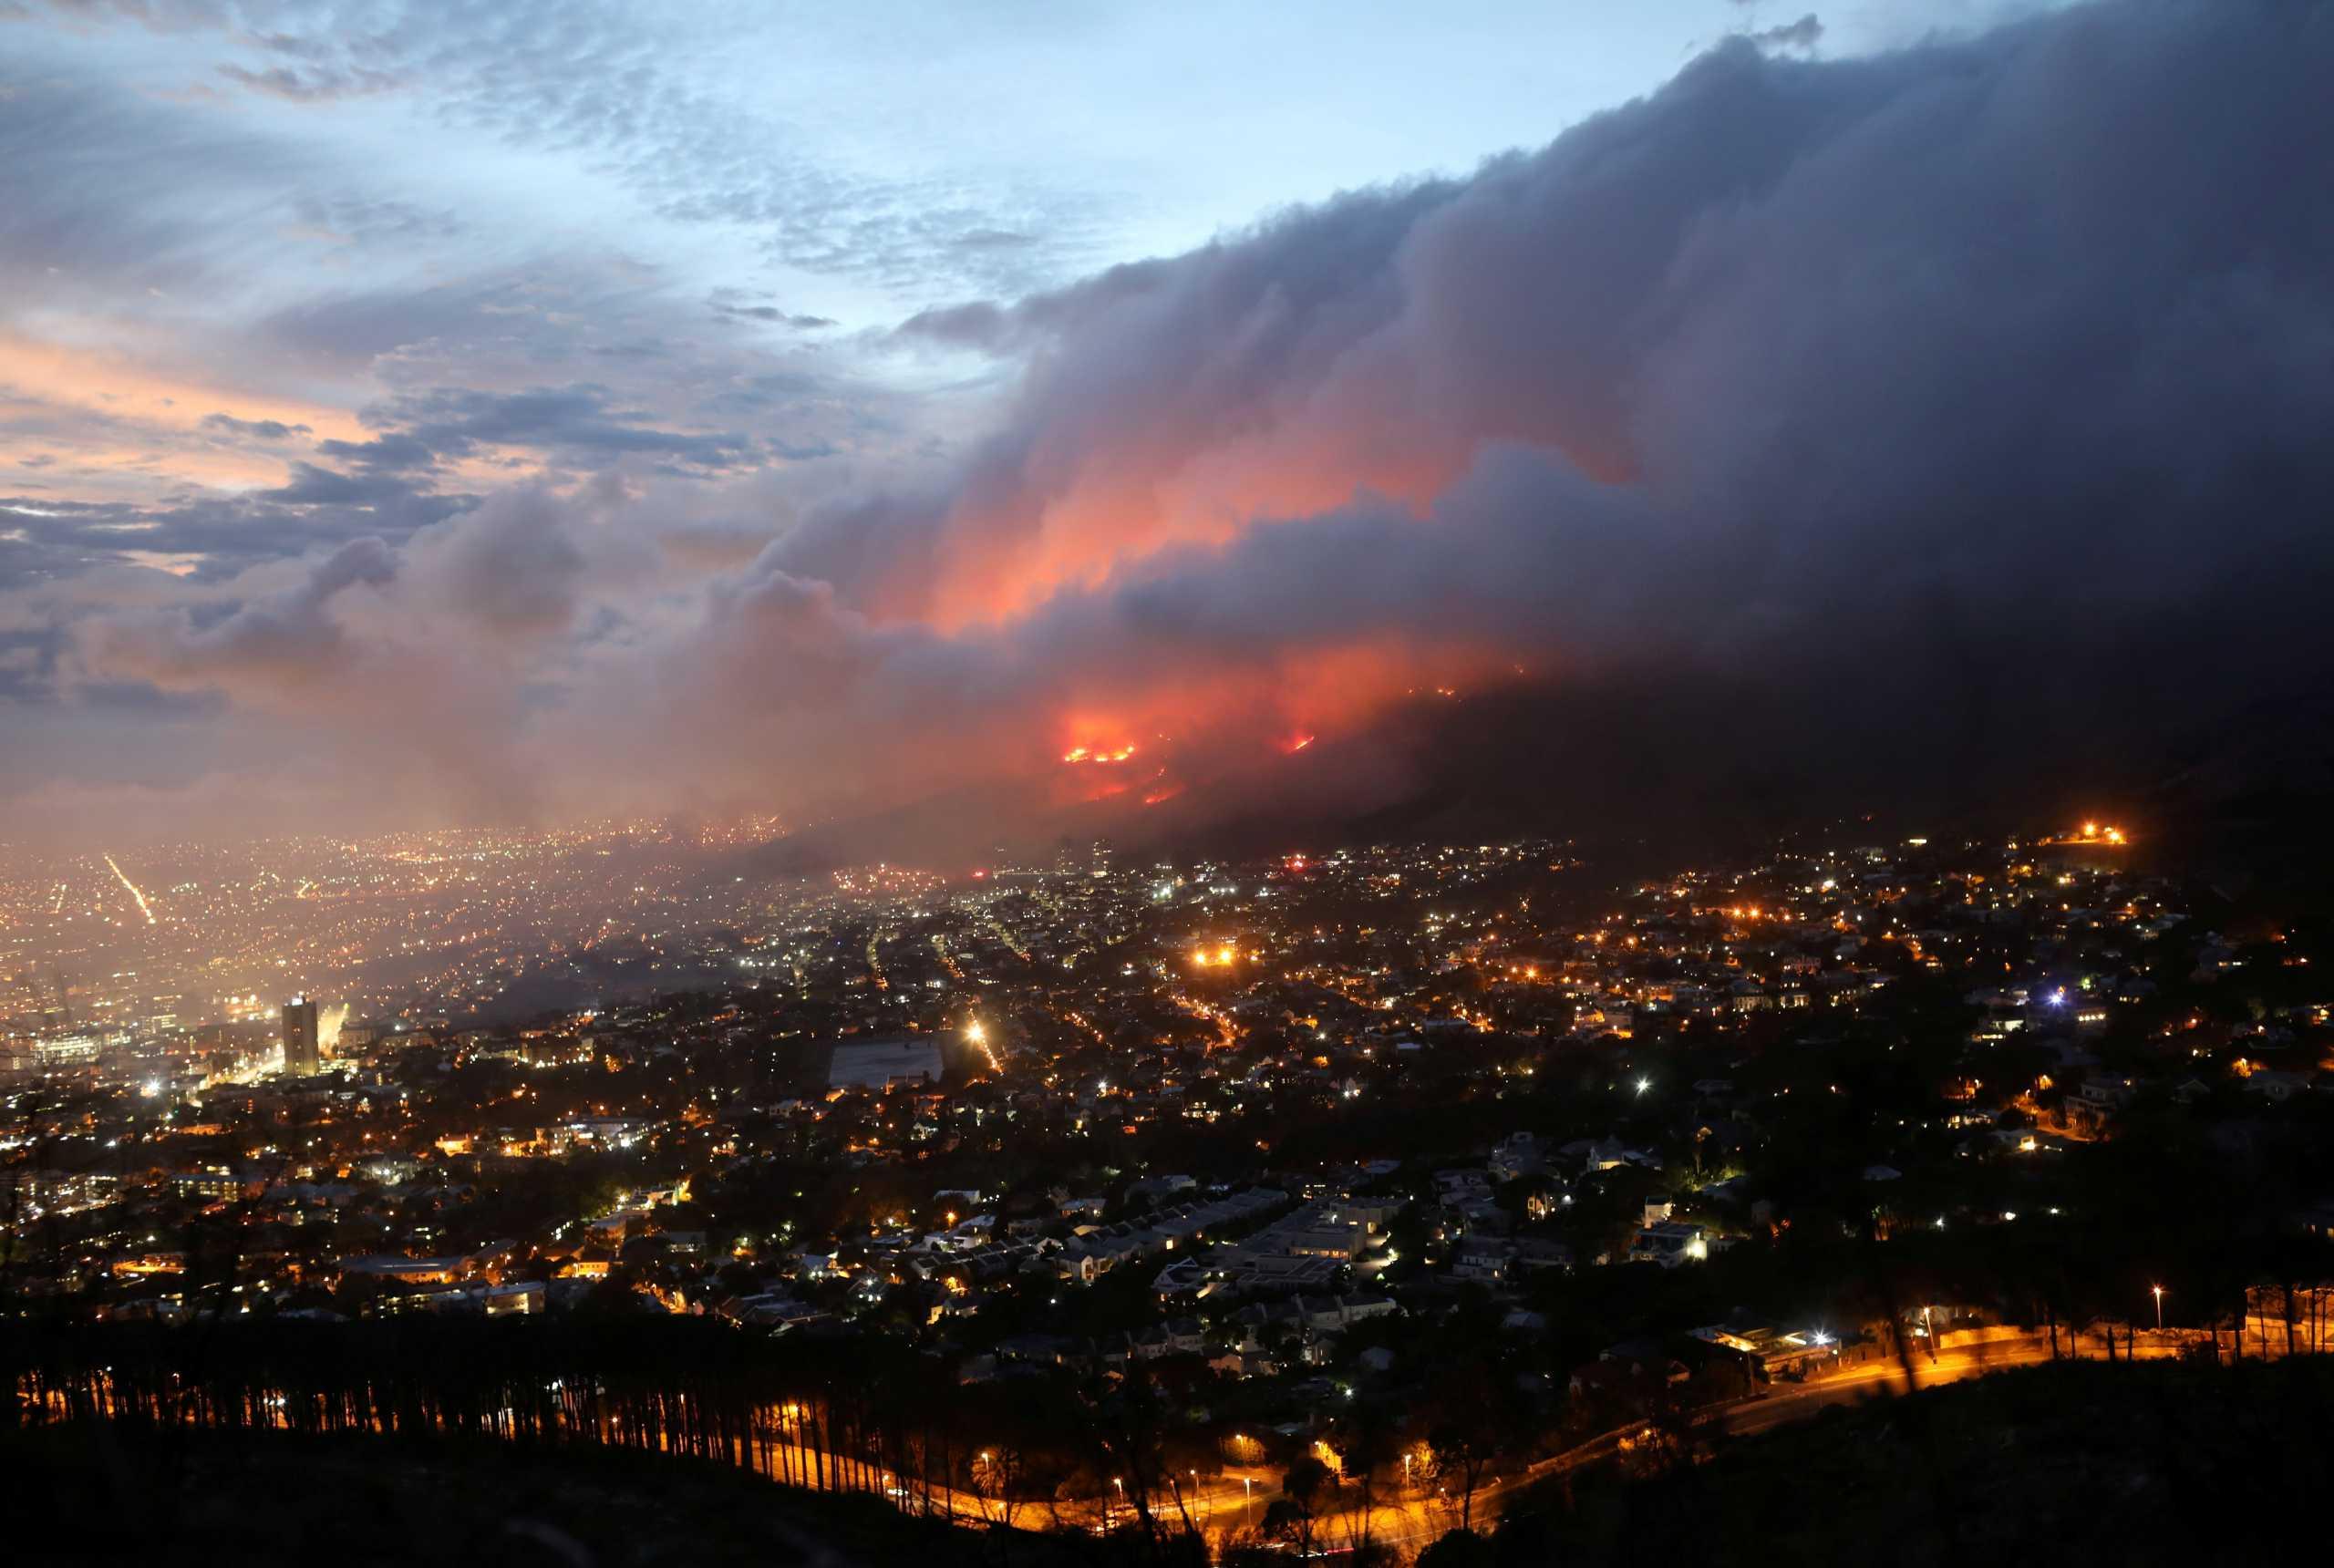 Τρομακτική φωτιά στη Ν. Αφρική – Εκκενώθηκε συνοικία στο Κέιπ Τάουν